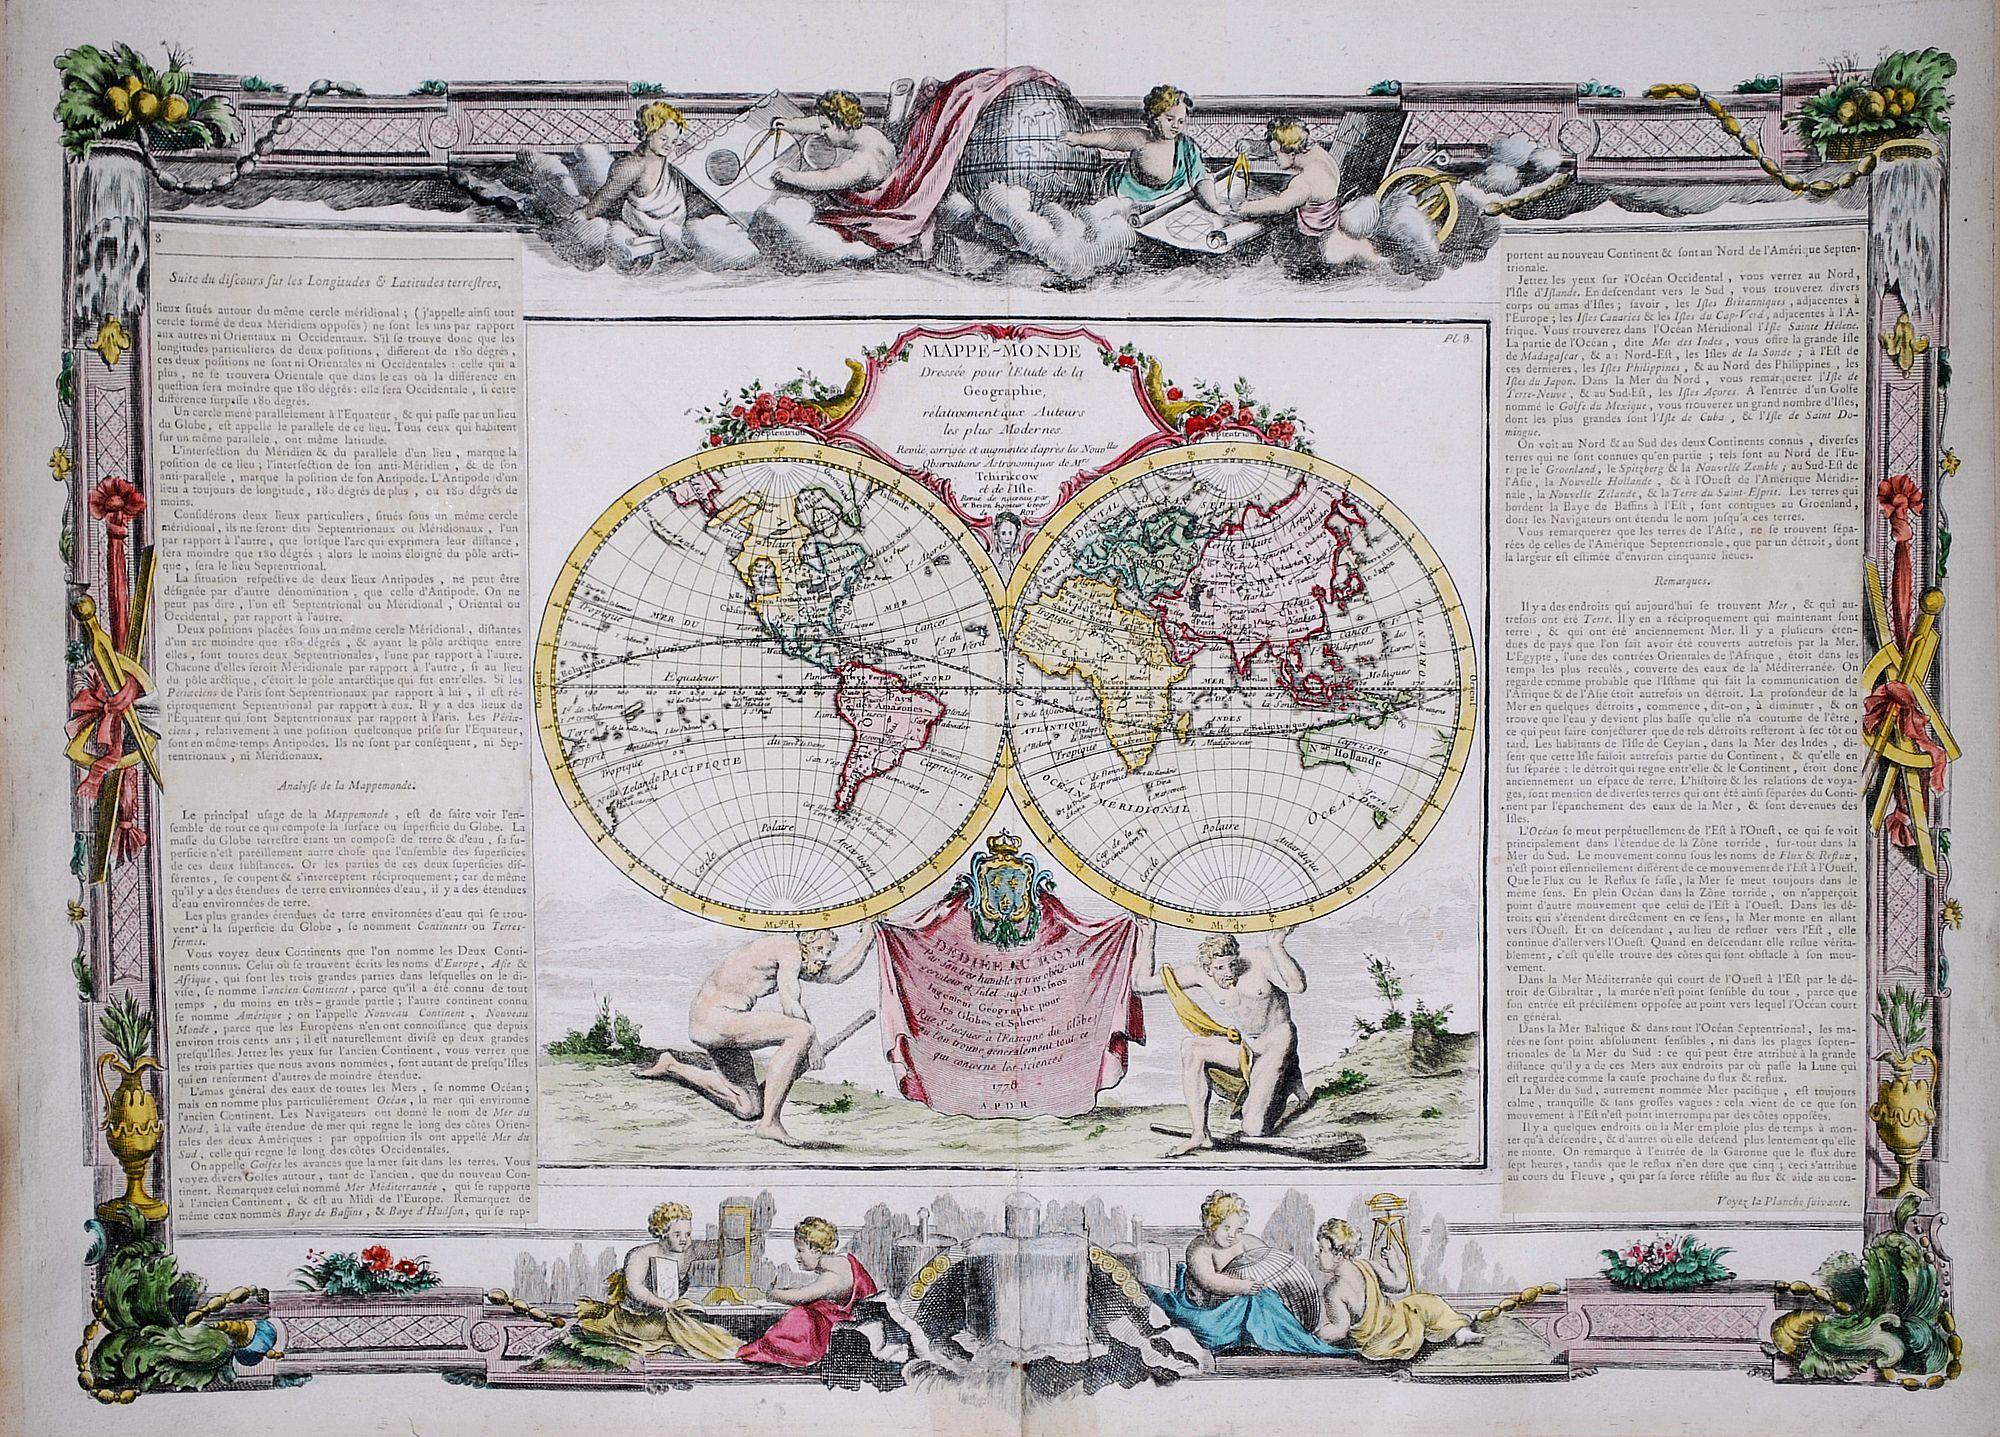 BRION de la TOUR, L. / DESNOS. - Mappe-Monde Dressee pour l'Etude de la Geographie, relativement aux Auteurs les plus Modernes.